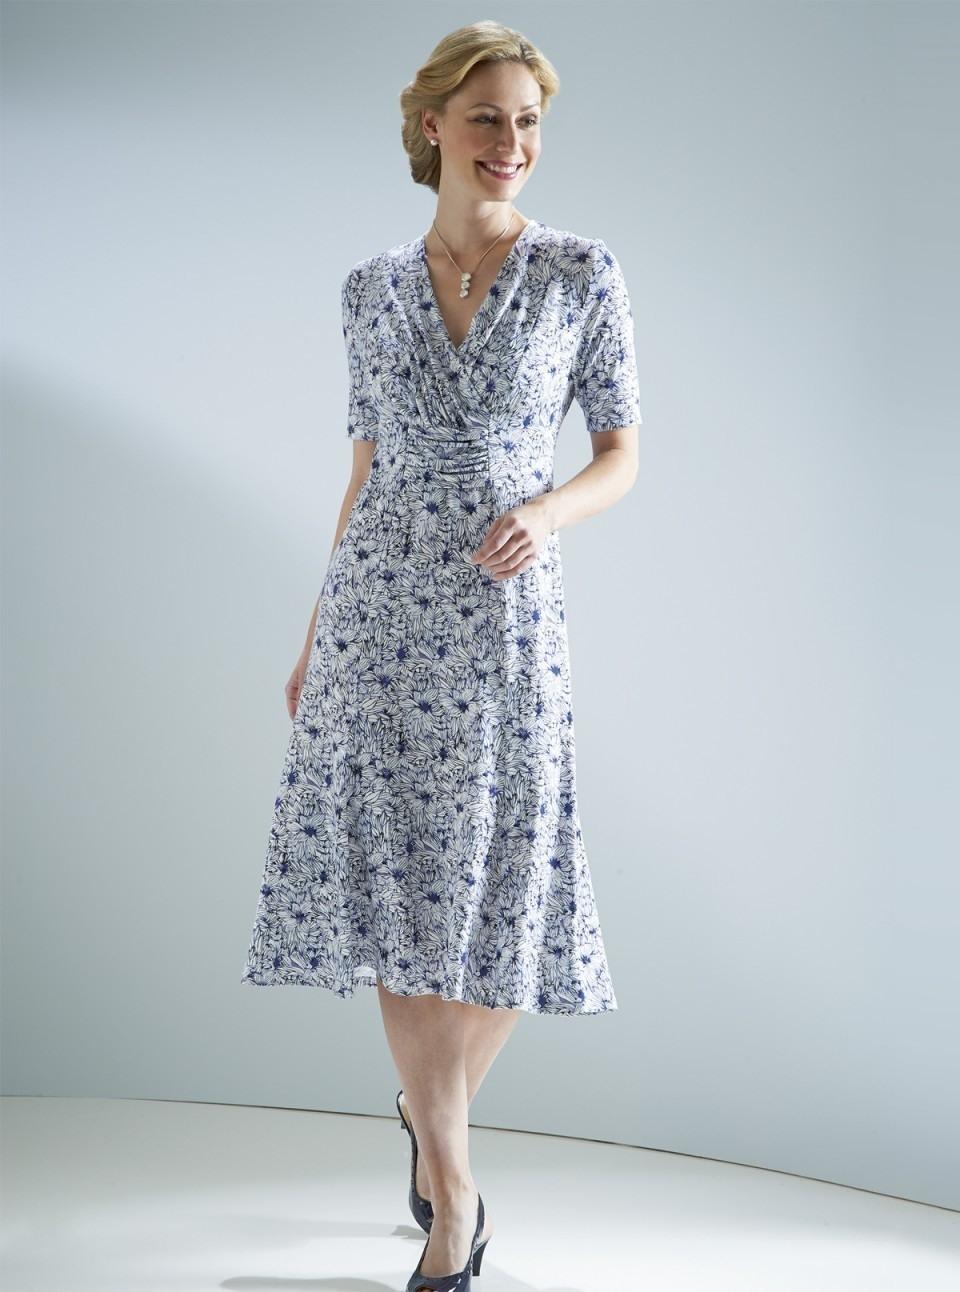 Elegant Kleider Für Besonderen Anlass Ärmel20 Ausgezeichnet Kleider Für Besonderen Anlass Ärmel